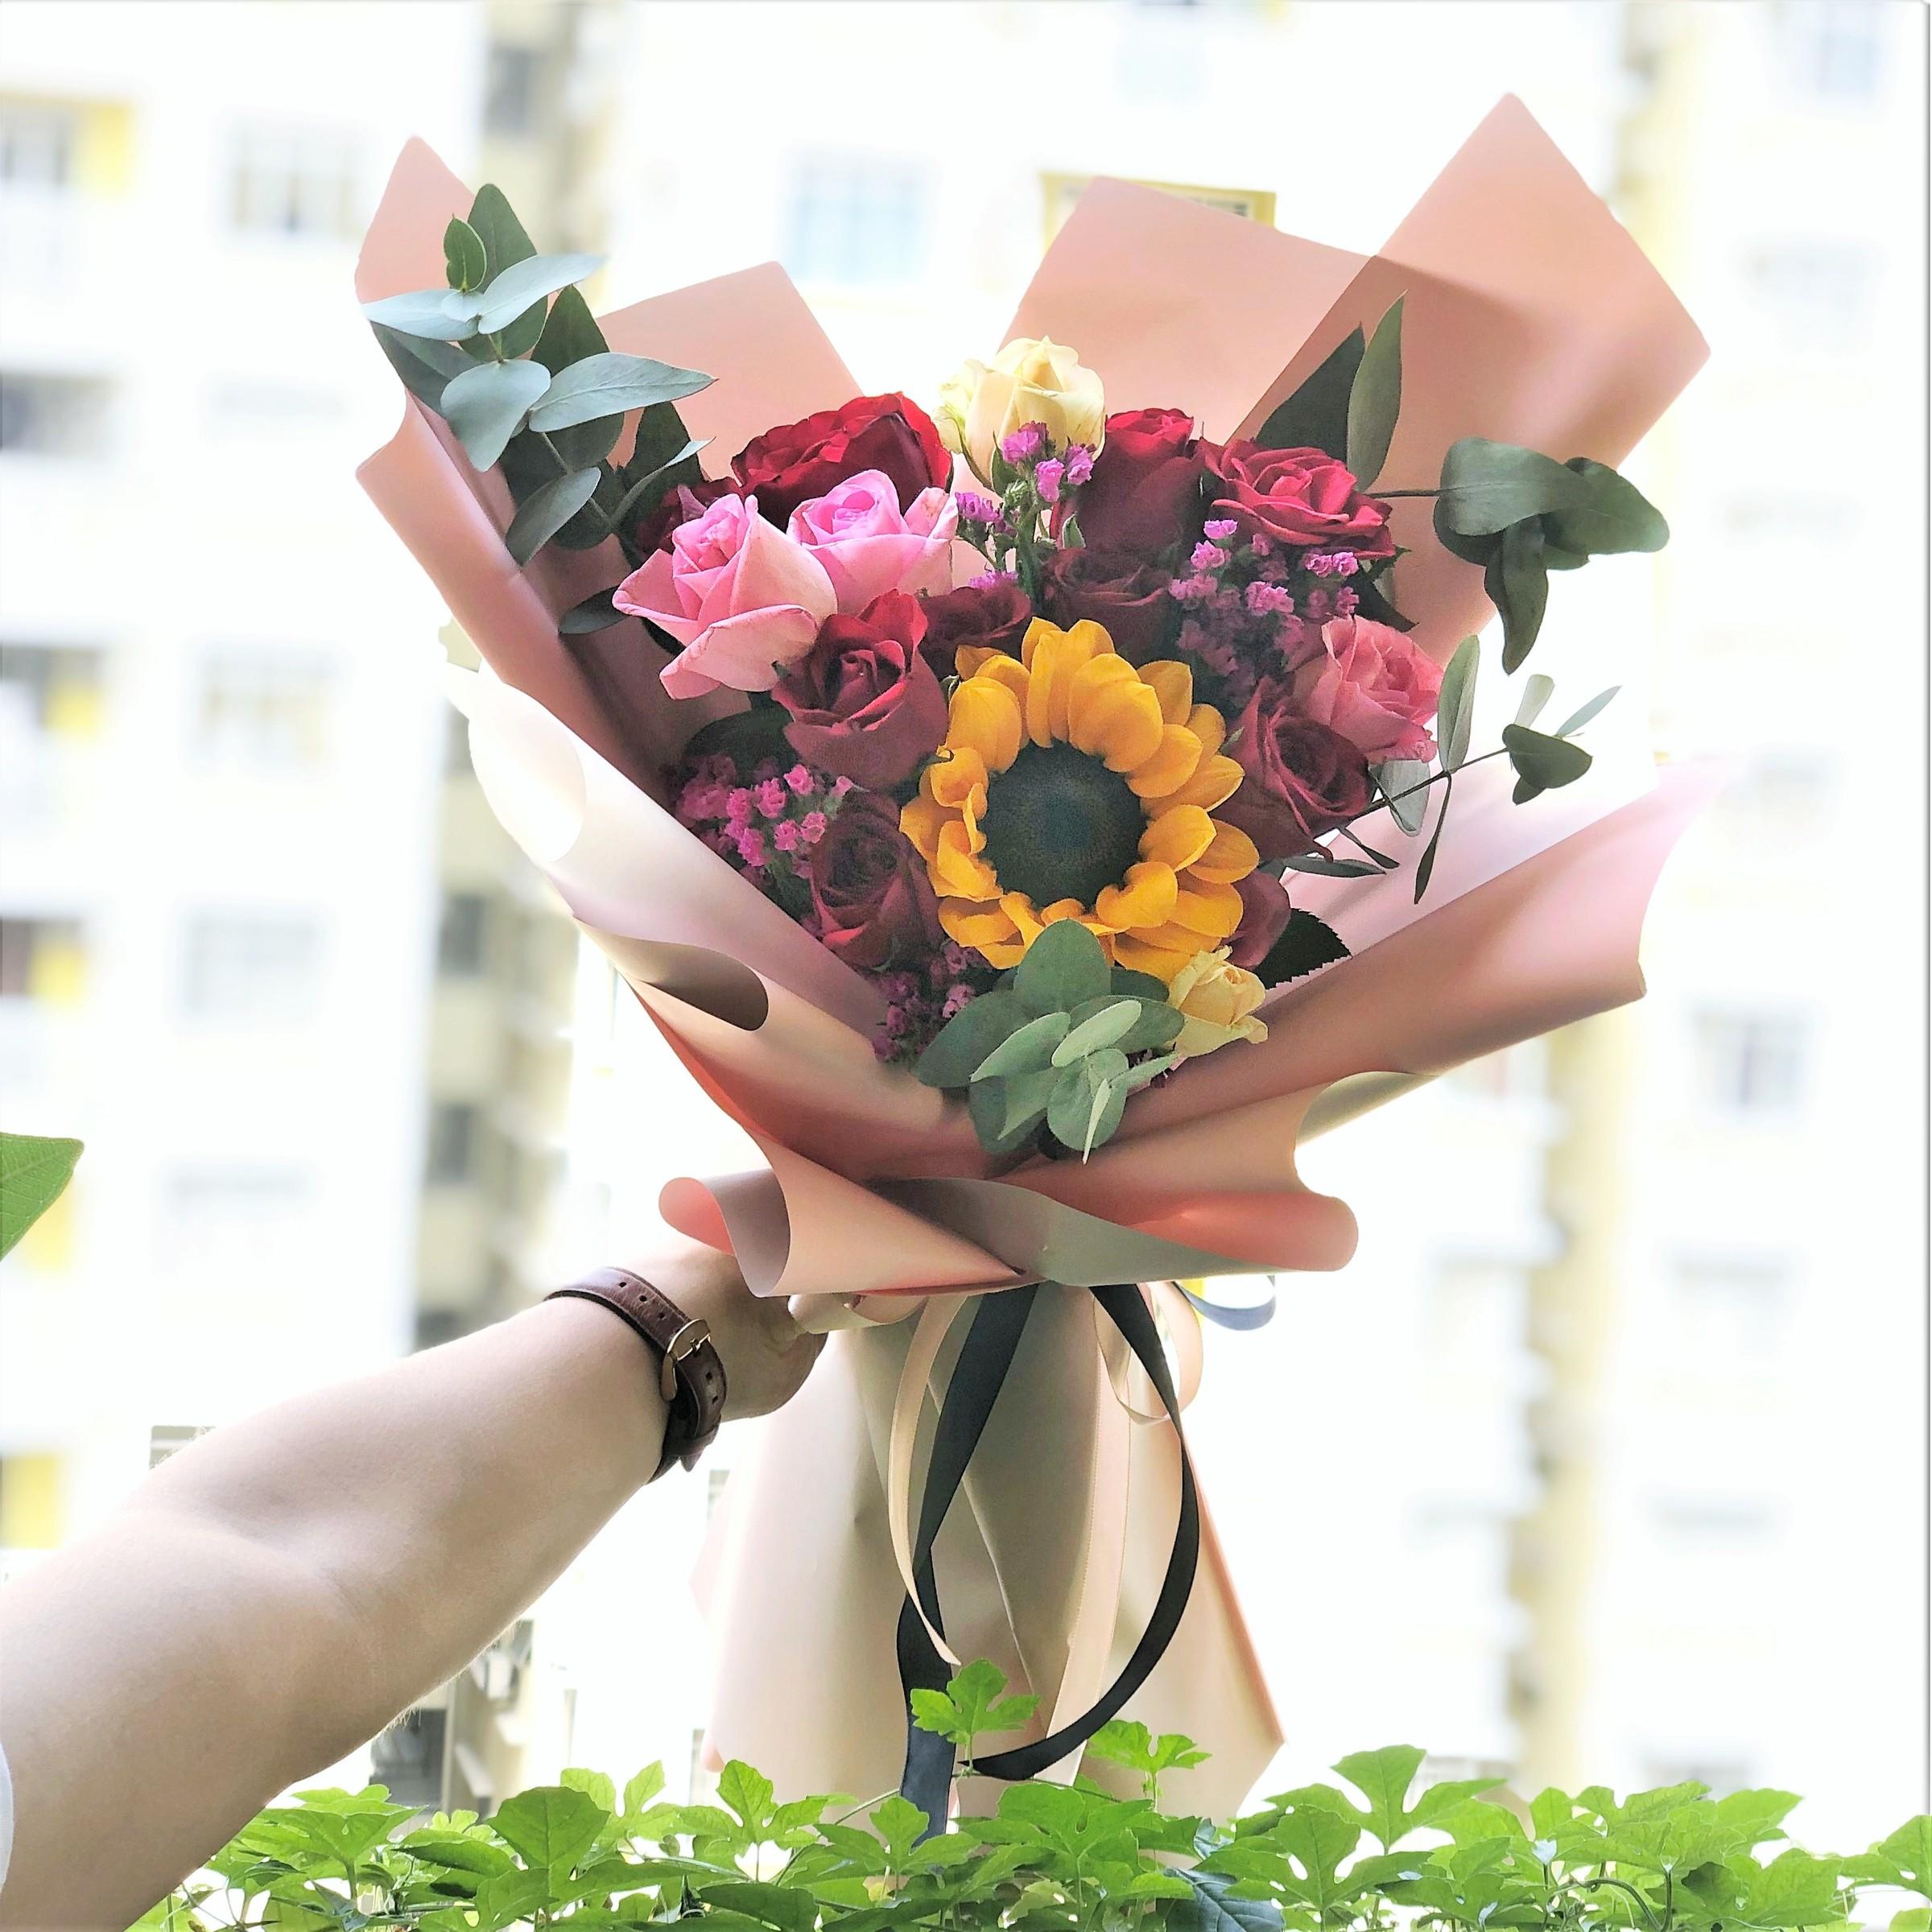 flower delivery kl 18.jpeg